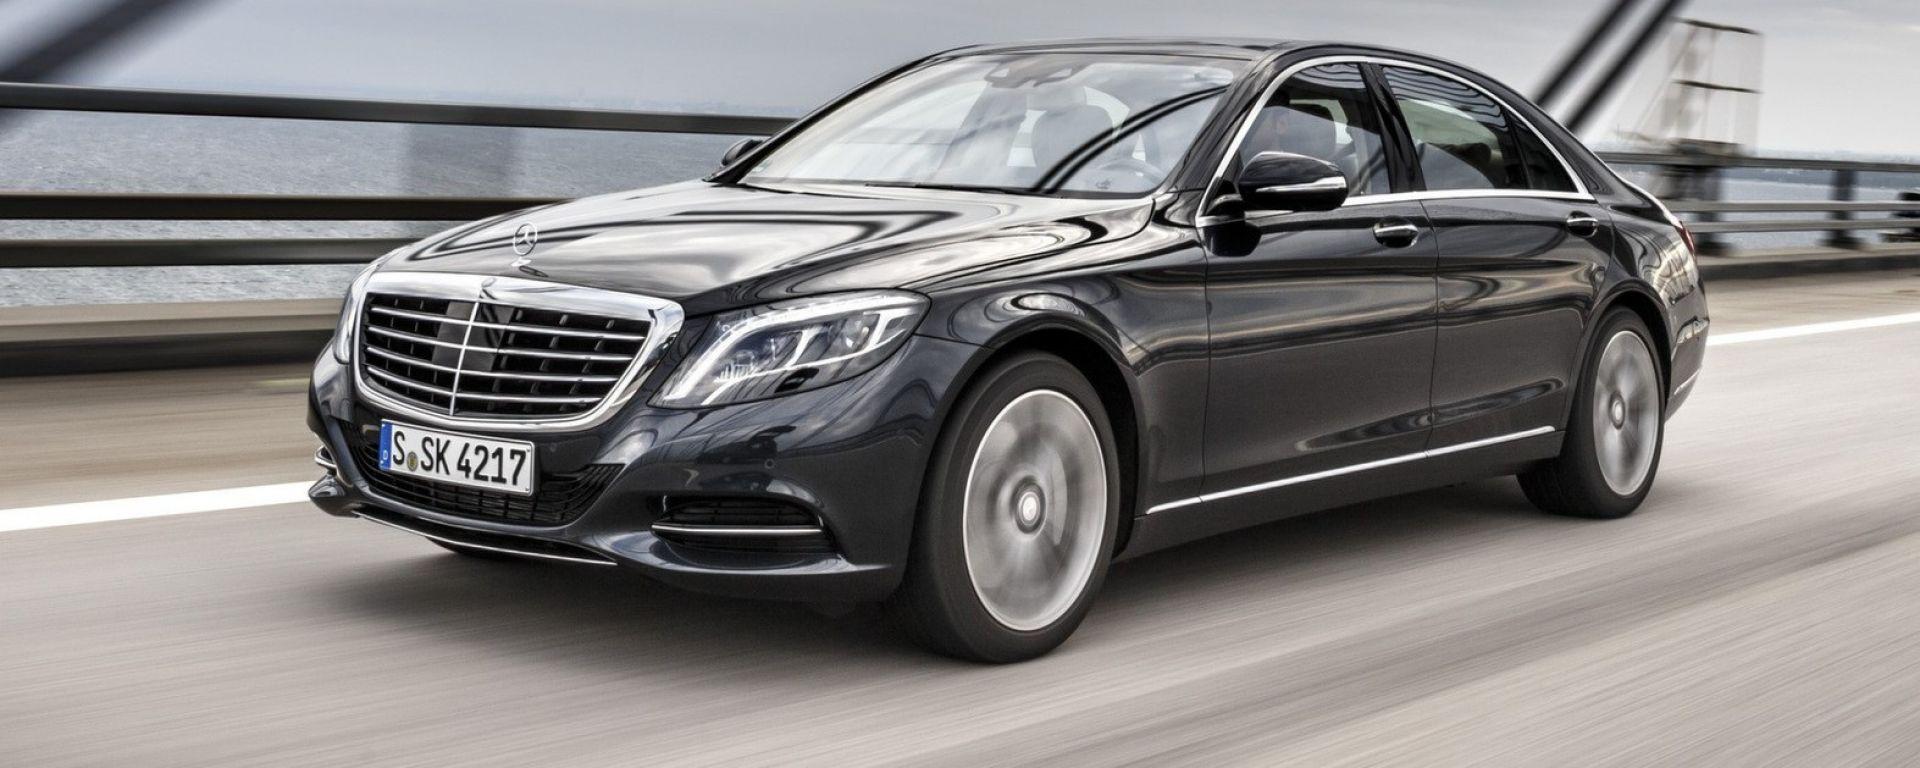 Mercedes S500: sarà la prima auto a benzina ad avere il filtro anti particolato